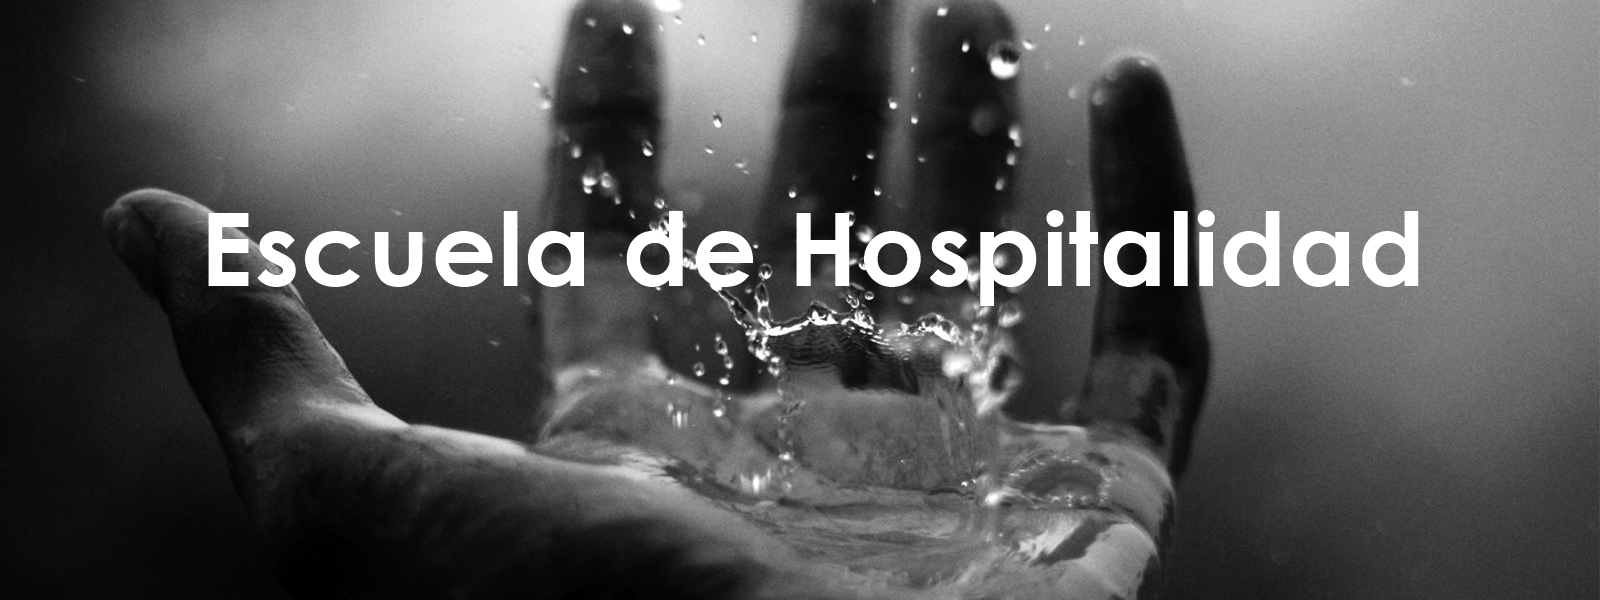 Escuela de Hospitalidad